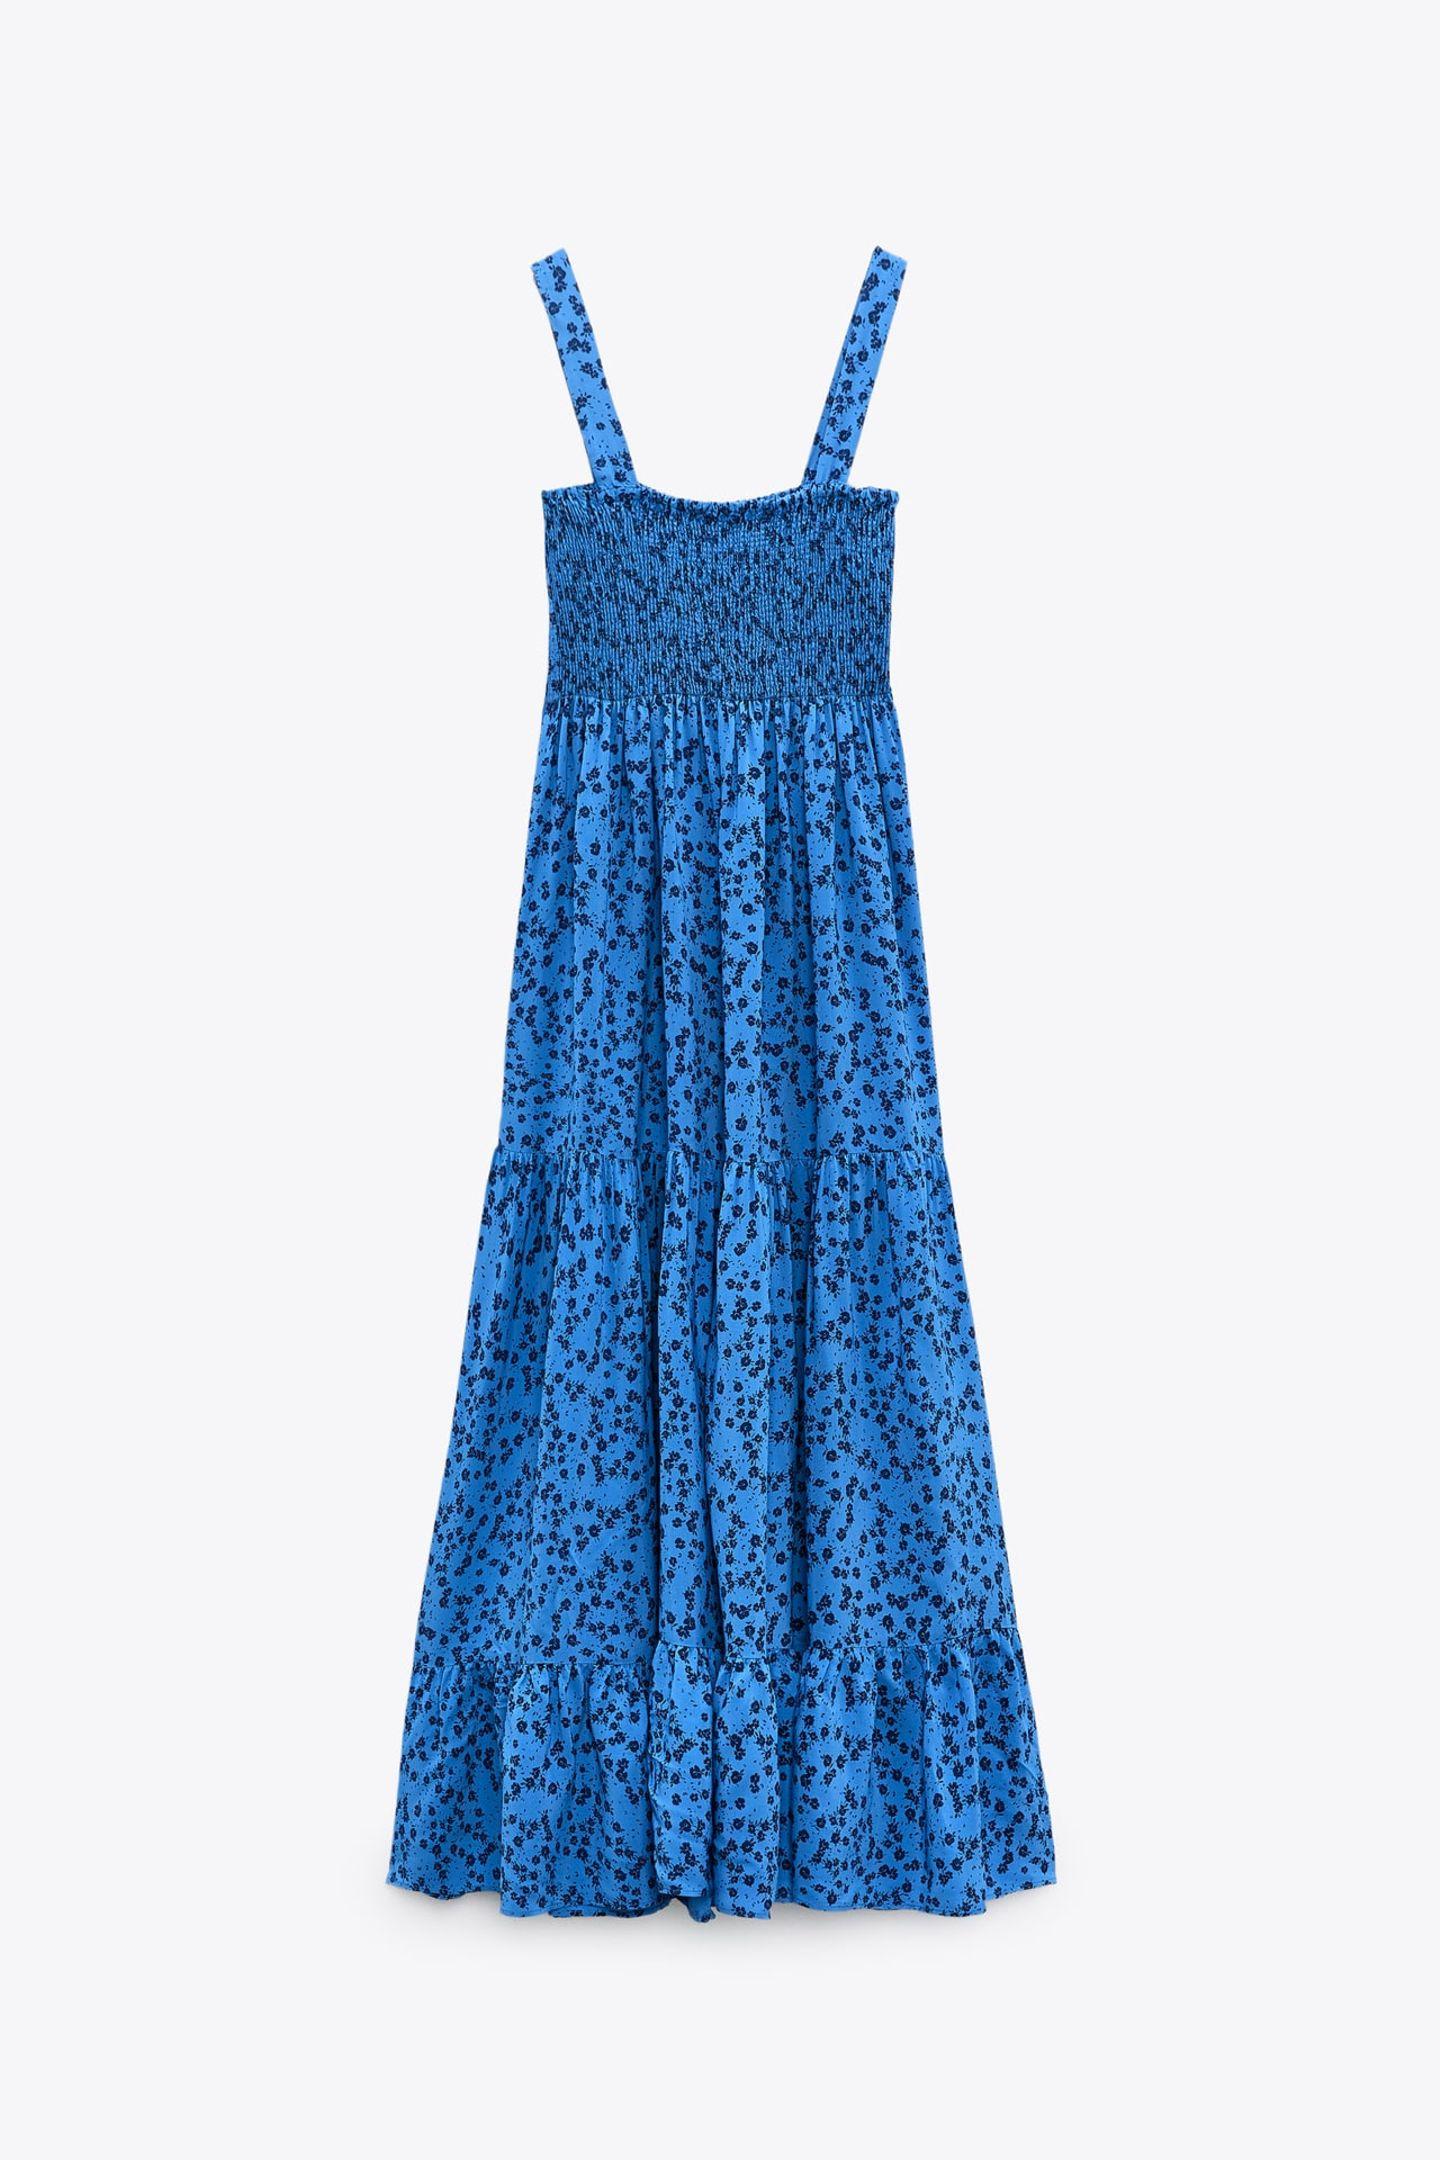 Fürs Büro oder den Feierabend-Drink mit der BFF – dieses royalblaue Midikleid mit Blumenmuster ist ein echter Summer-Allrounder. Von Zara, um 40 Euro.